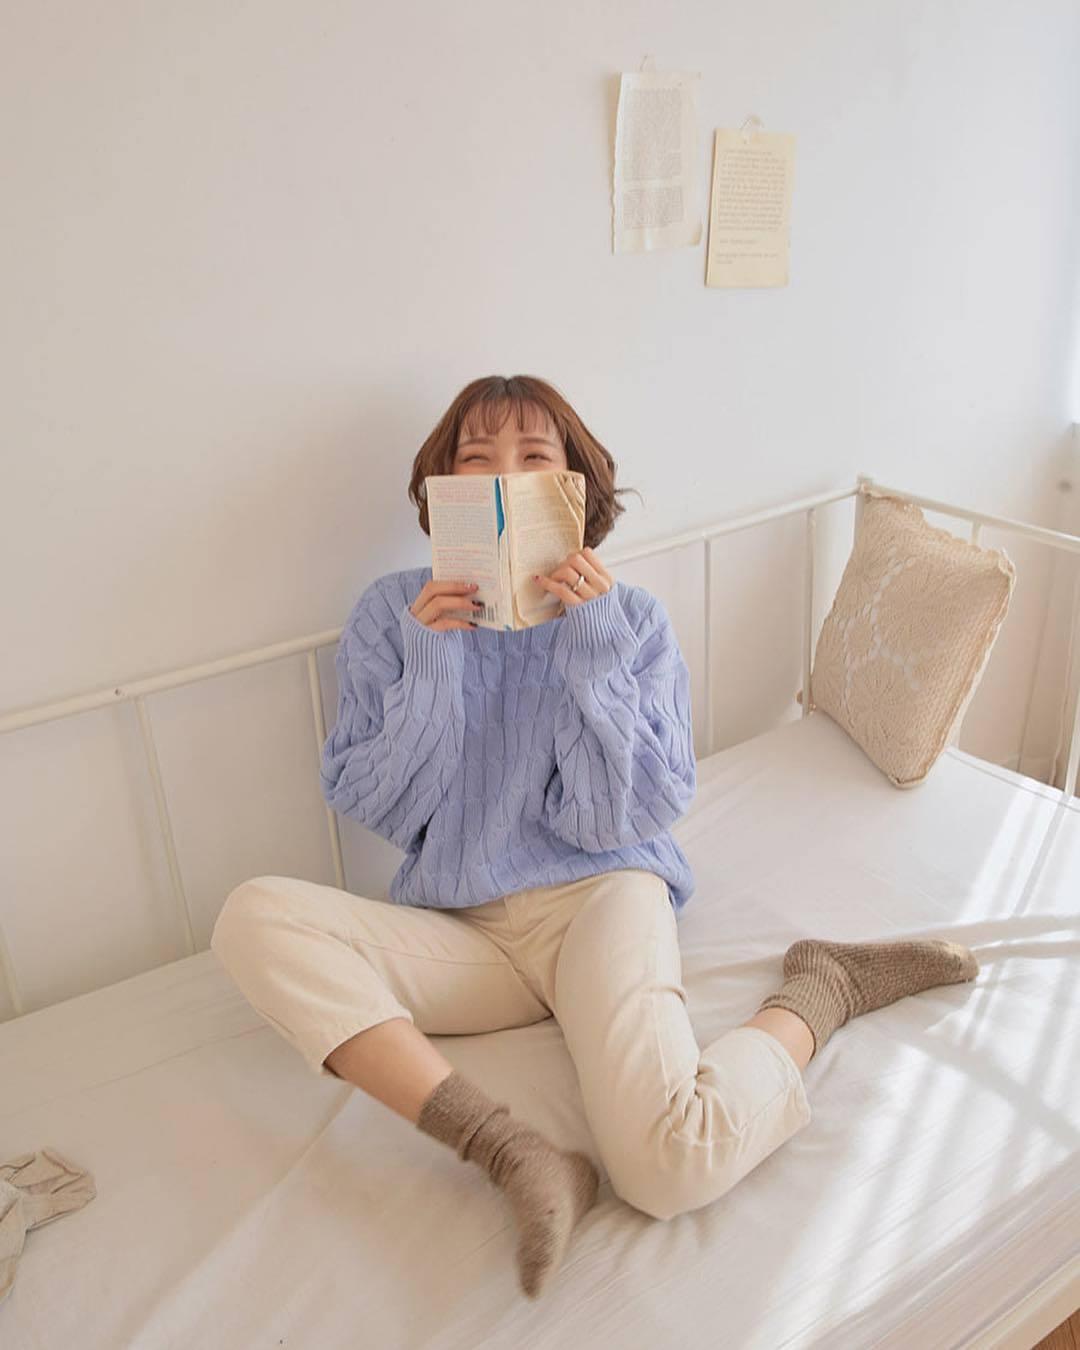 22-cac-kieu-quan-moi-trong-nam-2018-copy-6